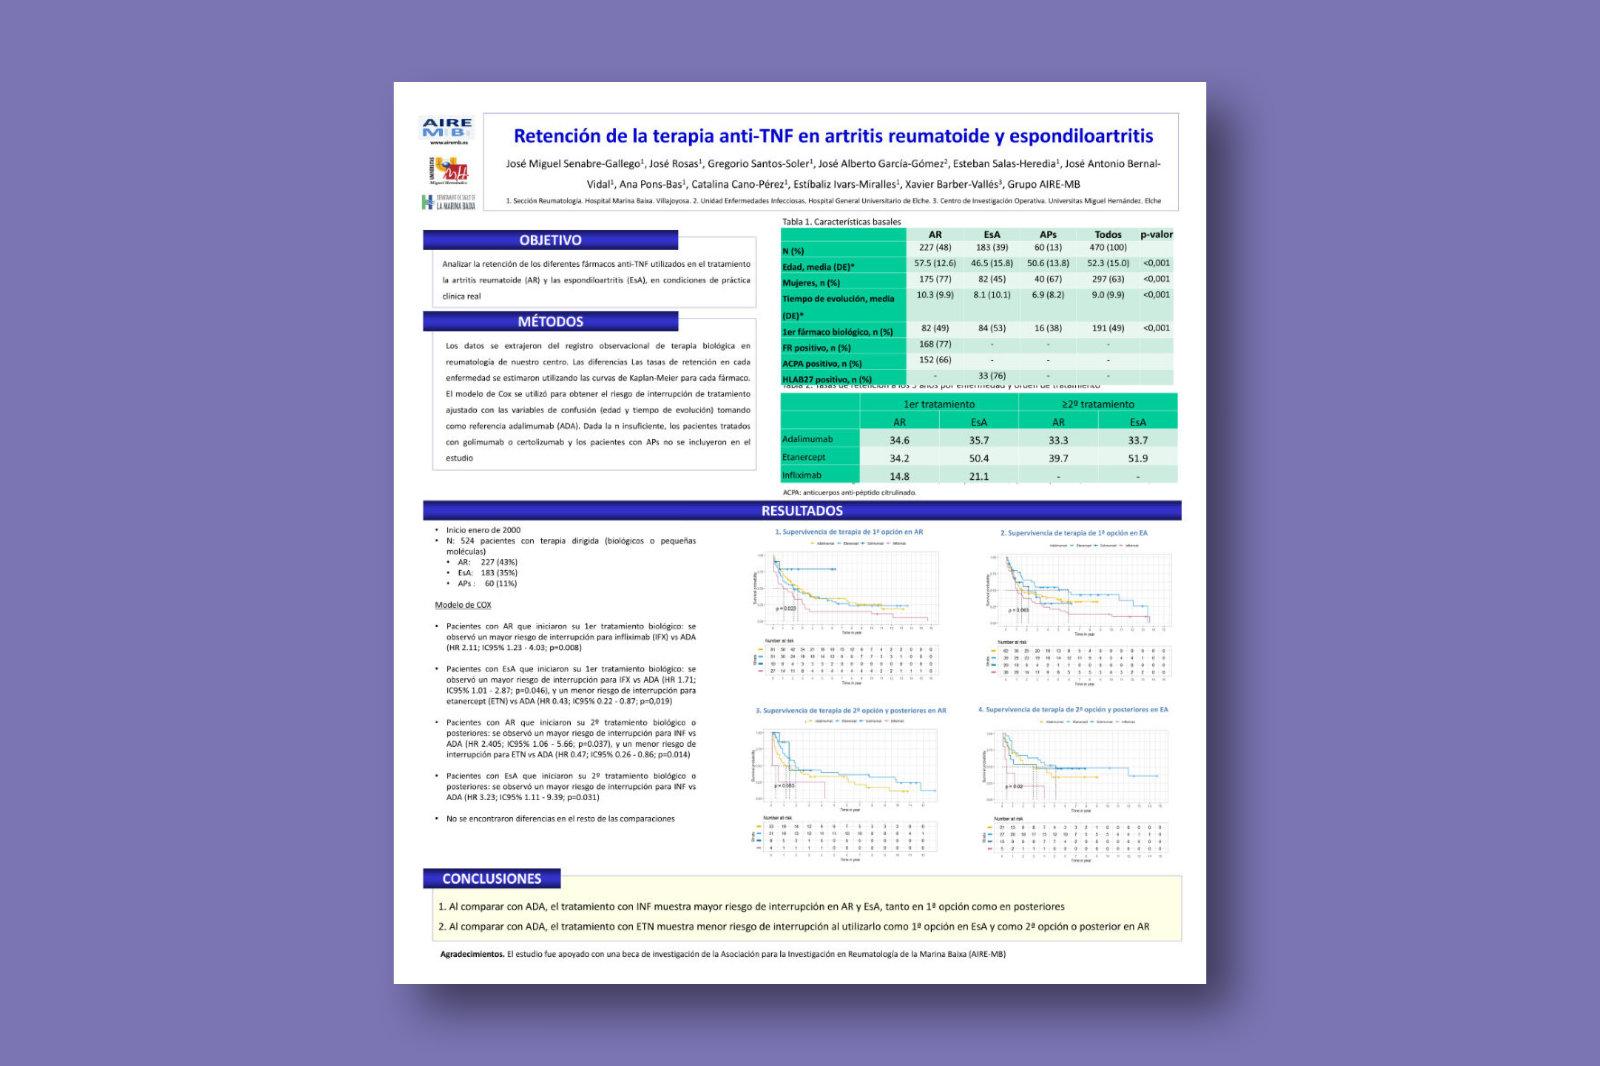 Retención de la terapia anti-TNF en artritis reumatoide y espondiloartritis